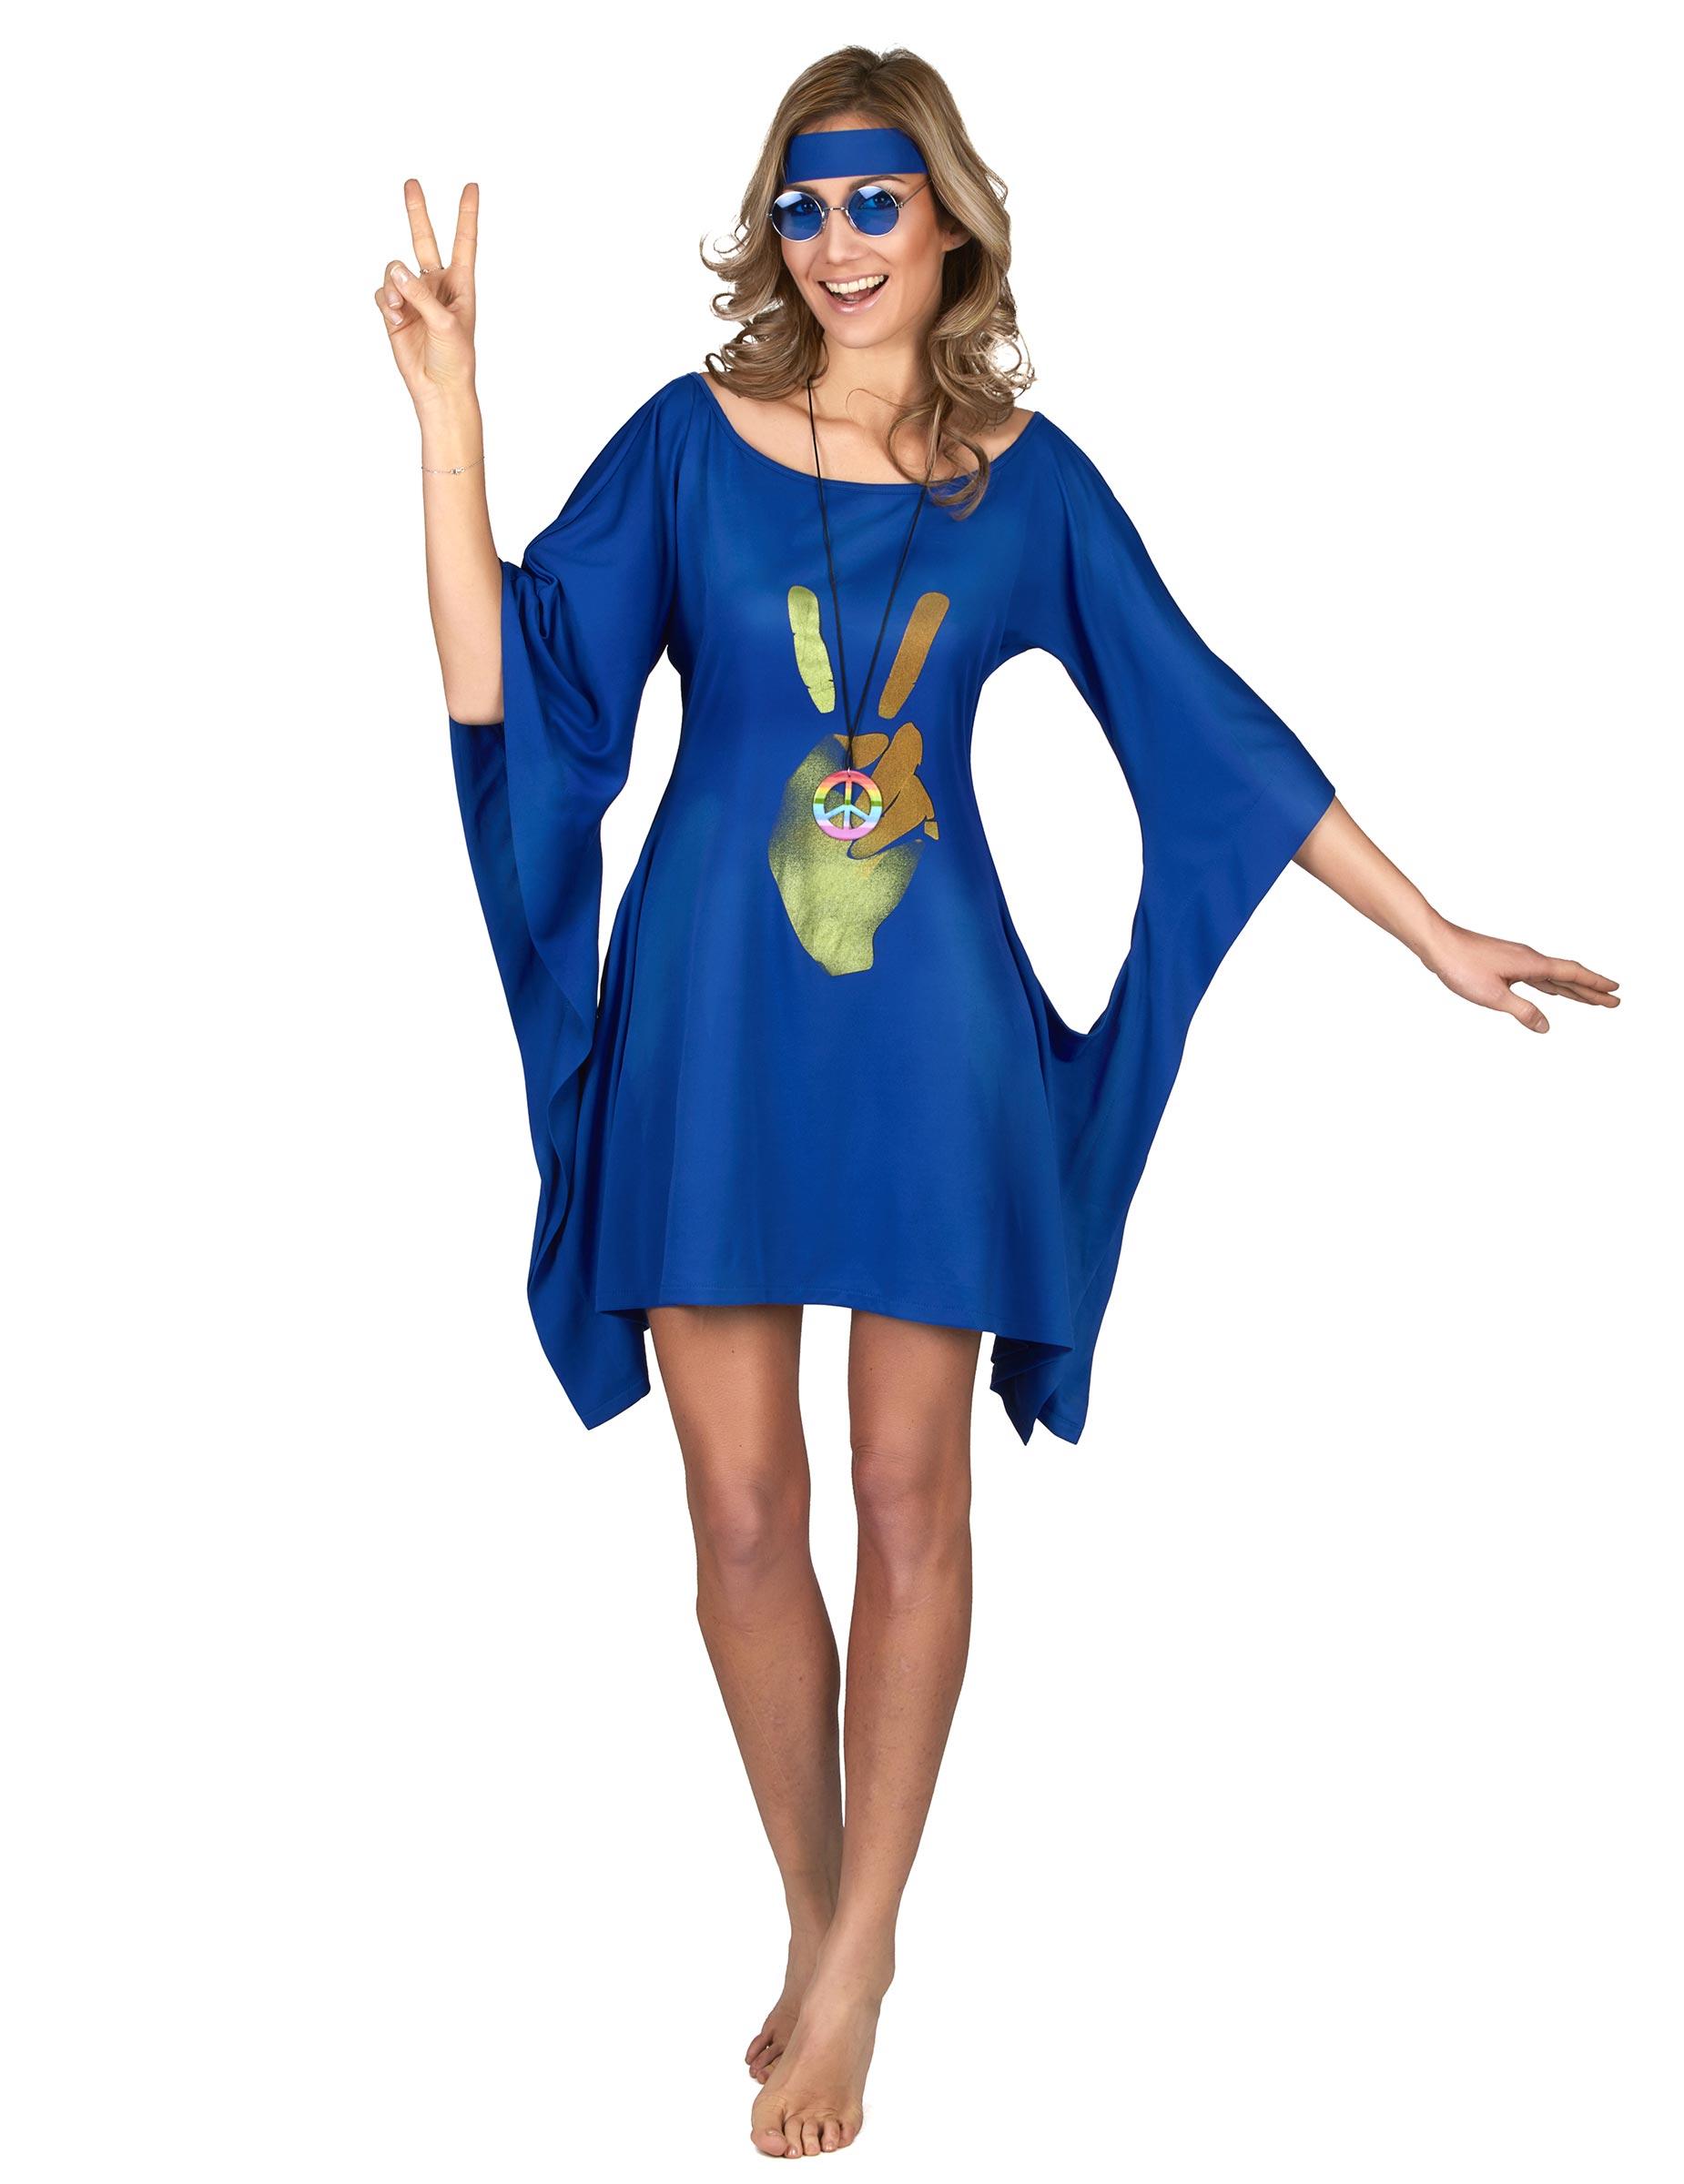 Disfraz hippie azul paz y amor mujer Disfraces adultosy disfraces originales baratos  Vegaoo